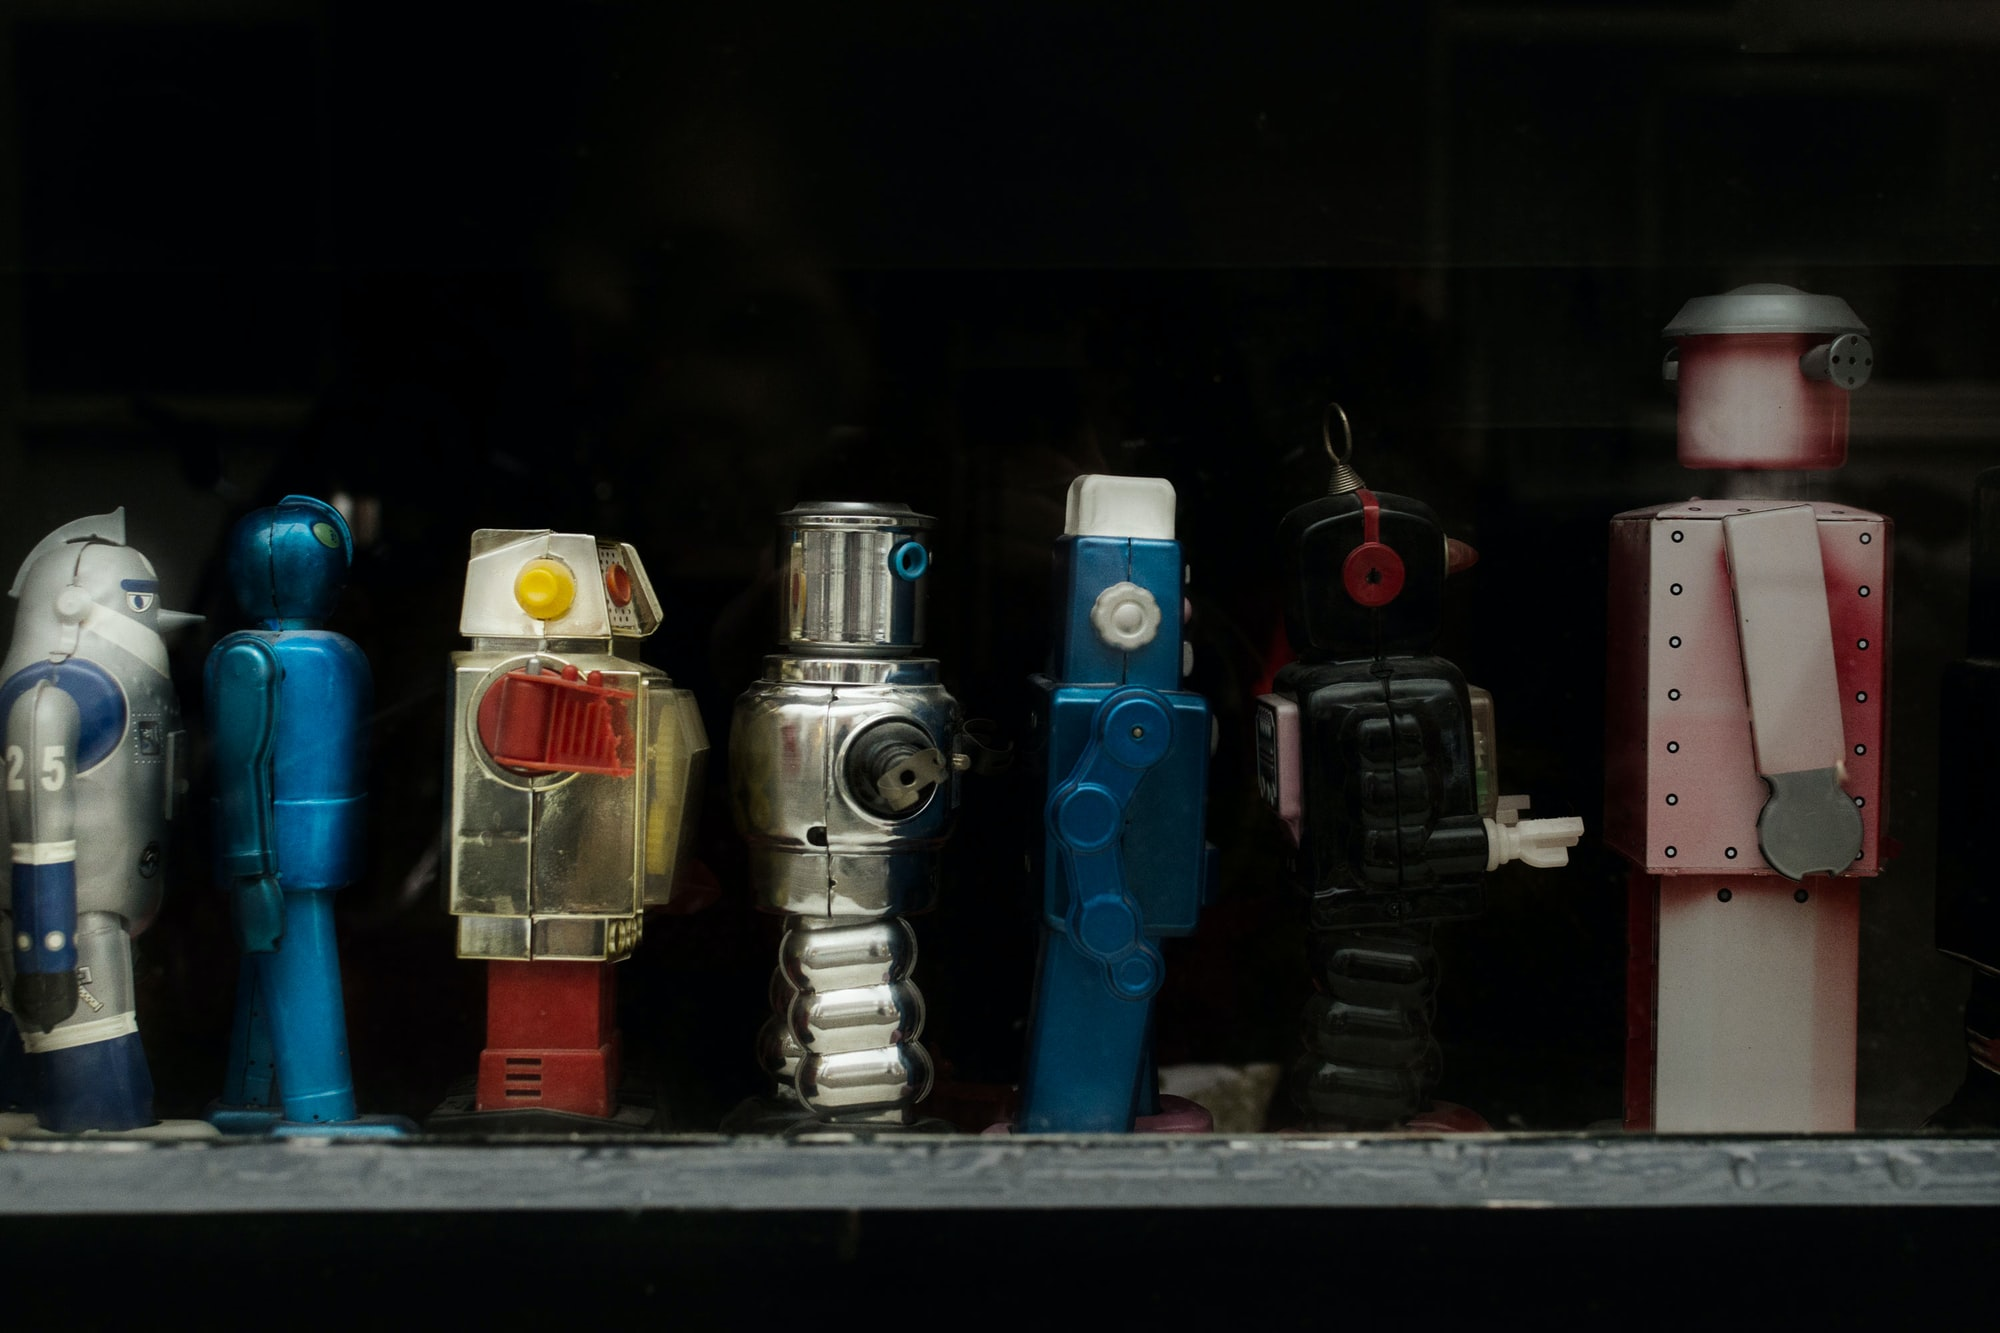 El RoboCop